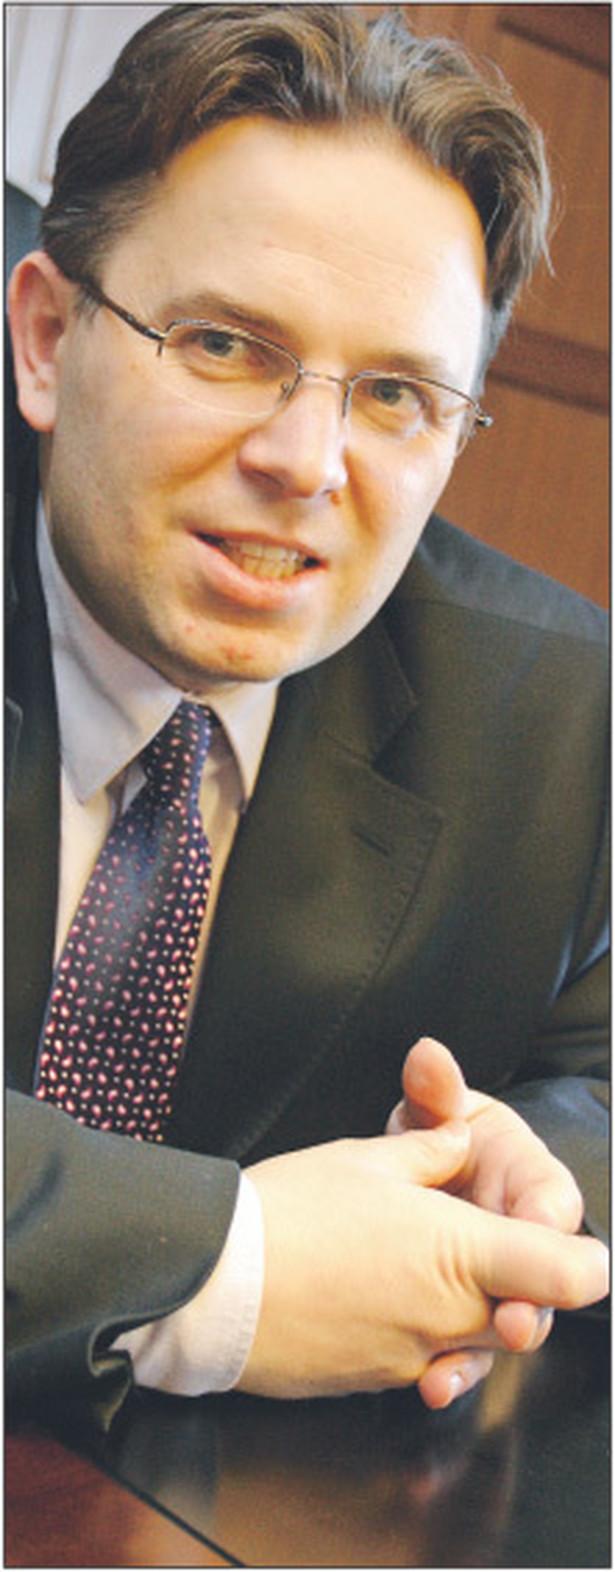 Marcin Wojewódka, radca prawny z Wojewódka i Wspólnicy Kancelaria Prawa Pracy Fot. Wojciech Górski